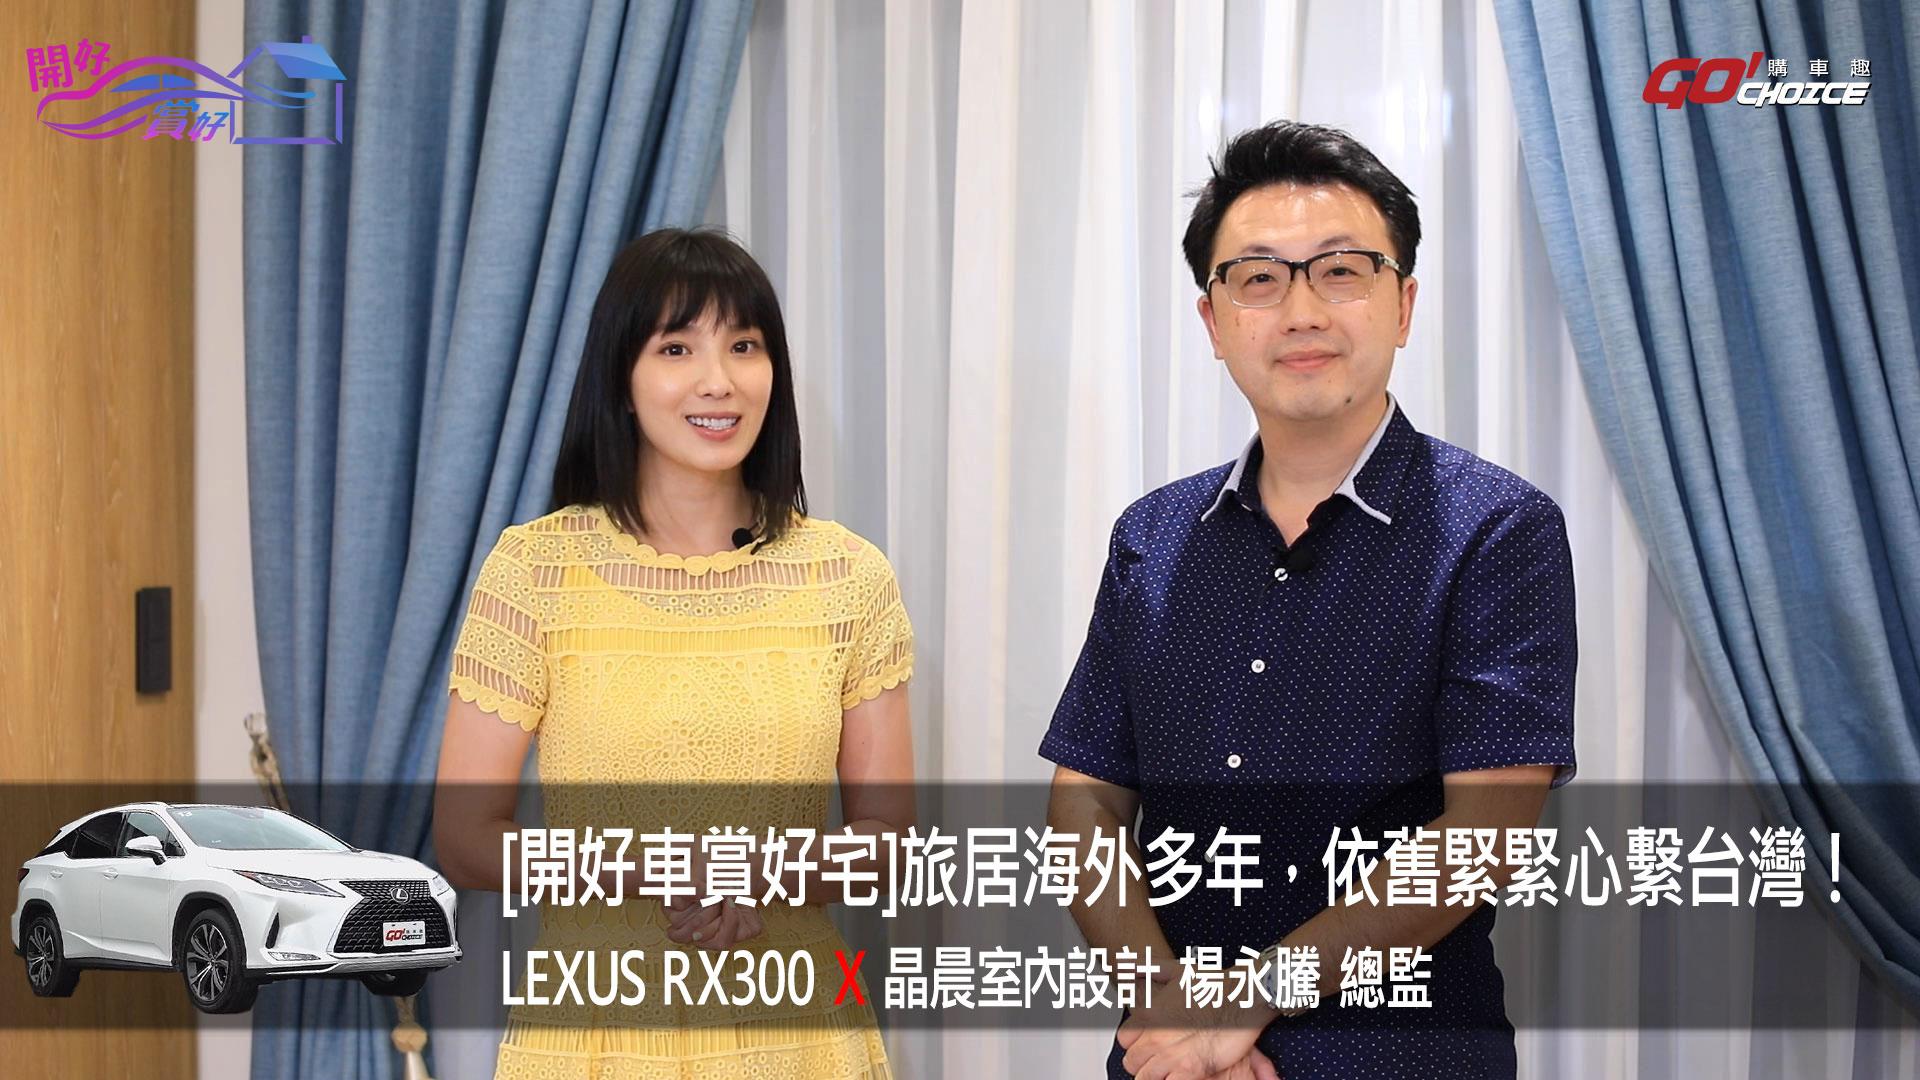 [開好車賞好宅]只想待在家的好空間!LEXUS RX300 X 晶晨室內設計-楊永騰 總監